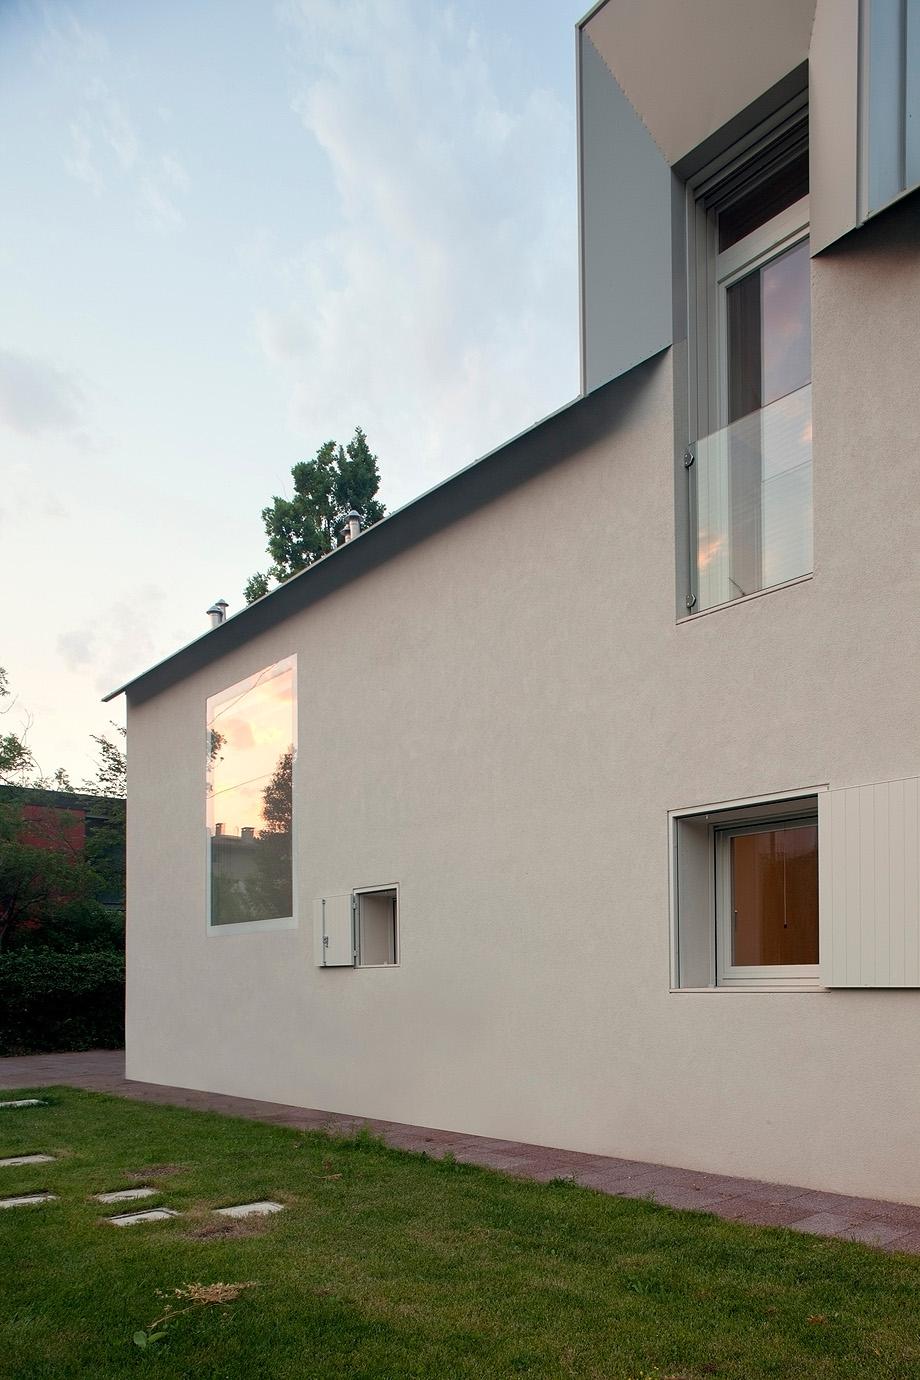 casa en pordenone de corde architetti associati - alessandra bello (19)